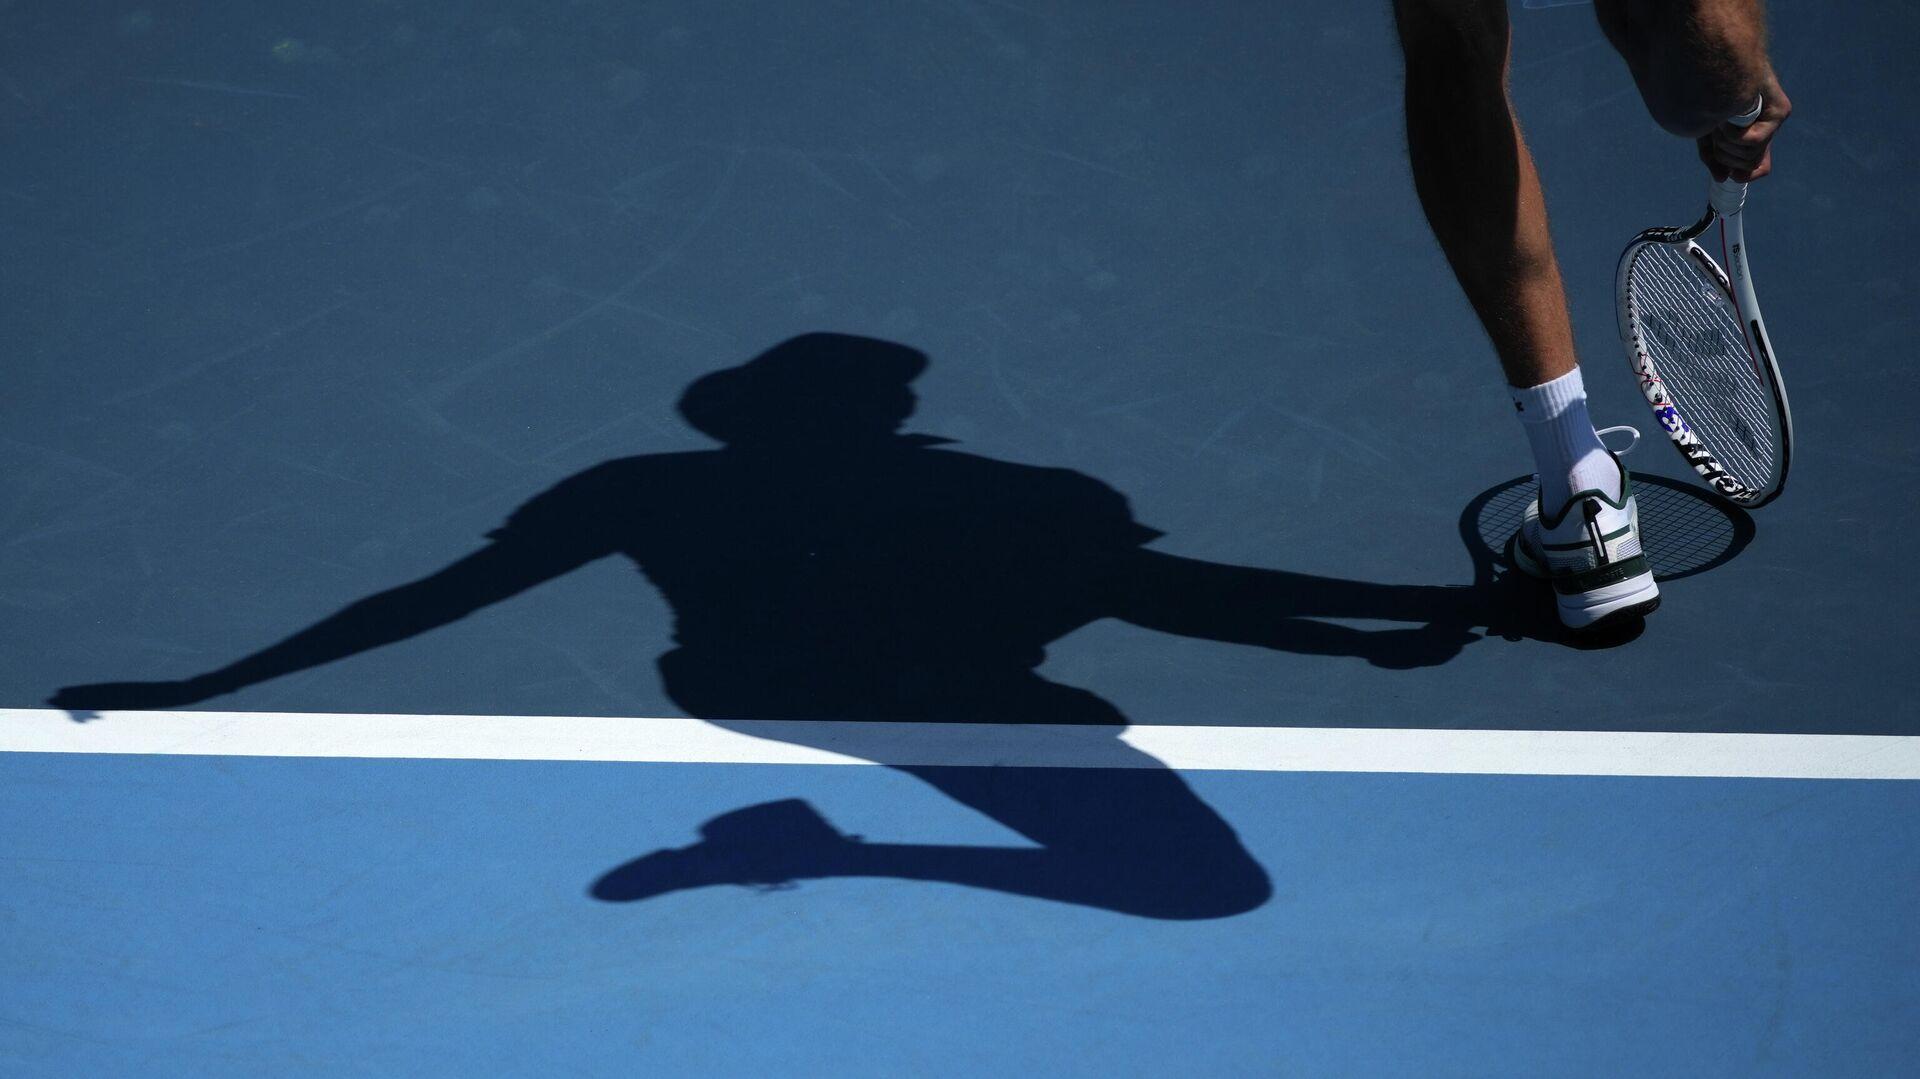 Руски тенисер Данил Медведев у првом колу Олимпијских игара у Токију - Sputnik Србија, 1920, 24.07.2021